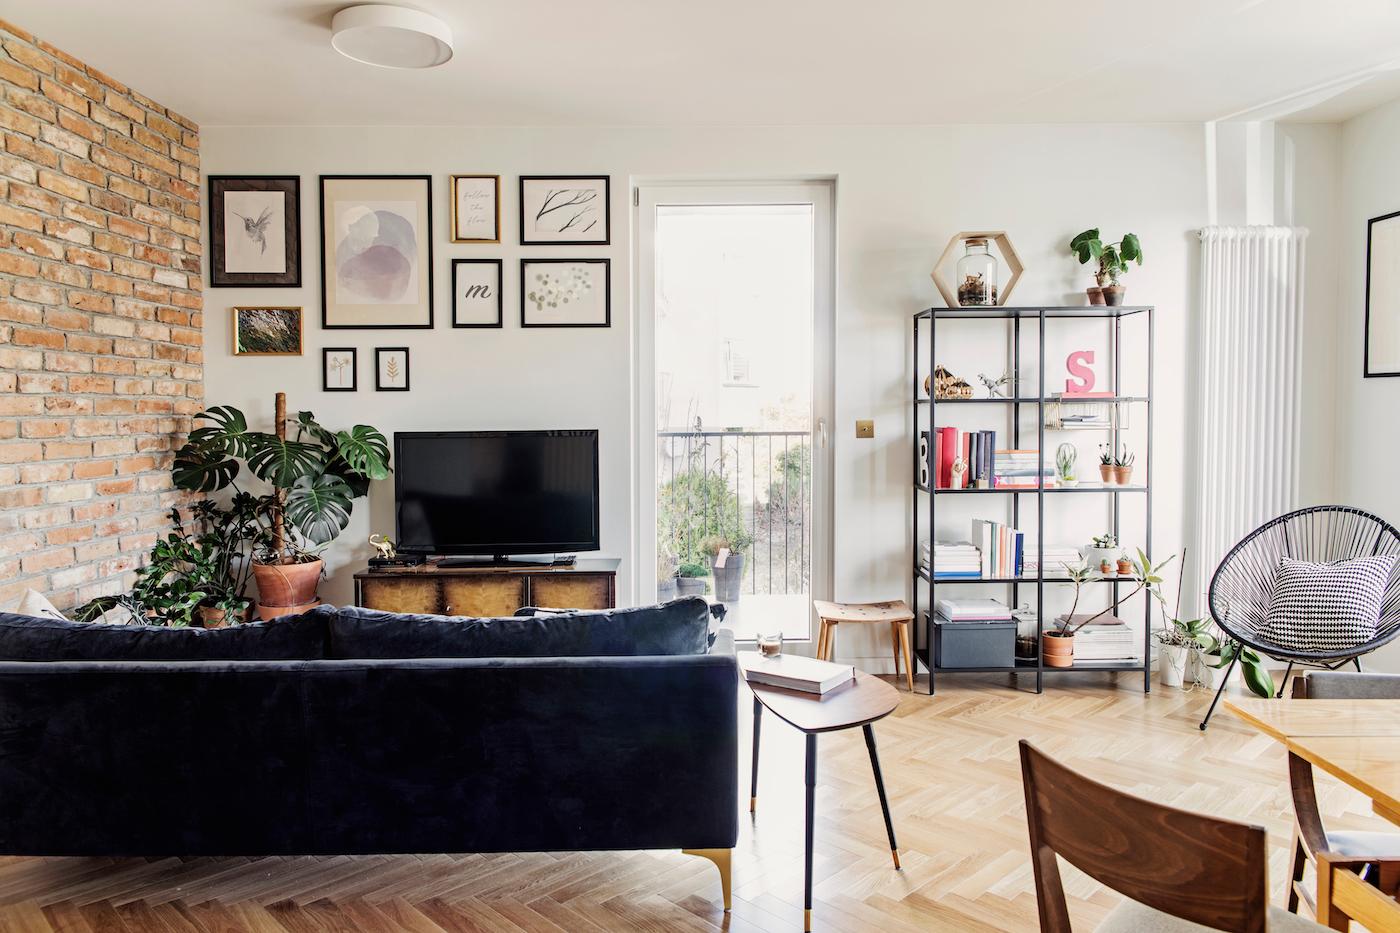 mesa de centro de inspiración retro con sofá de terciopelo